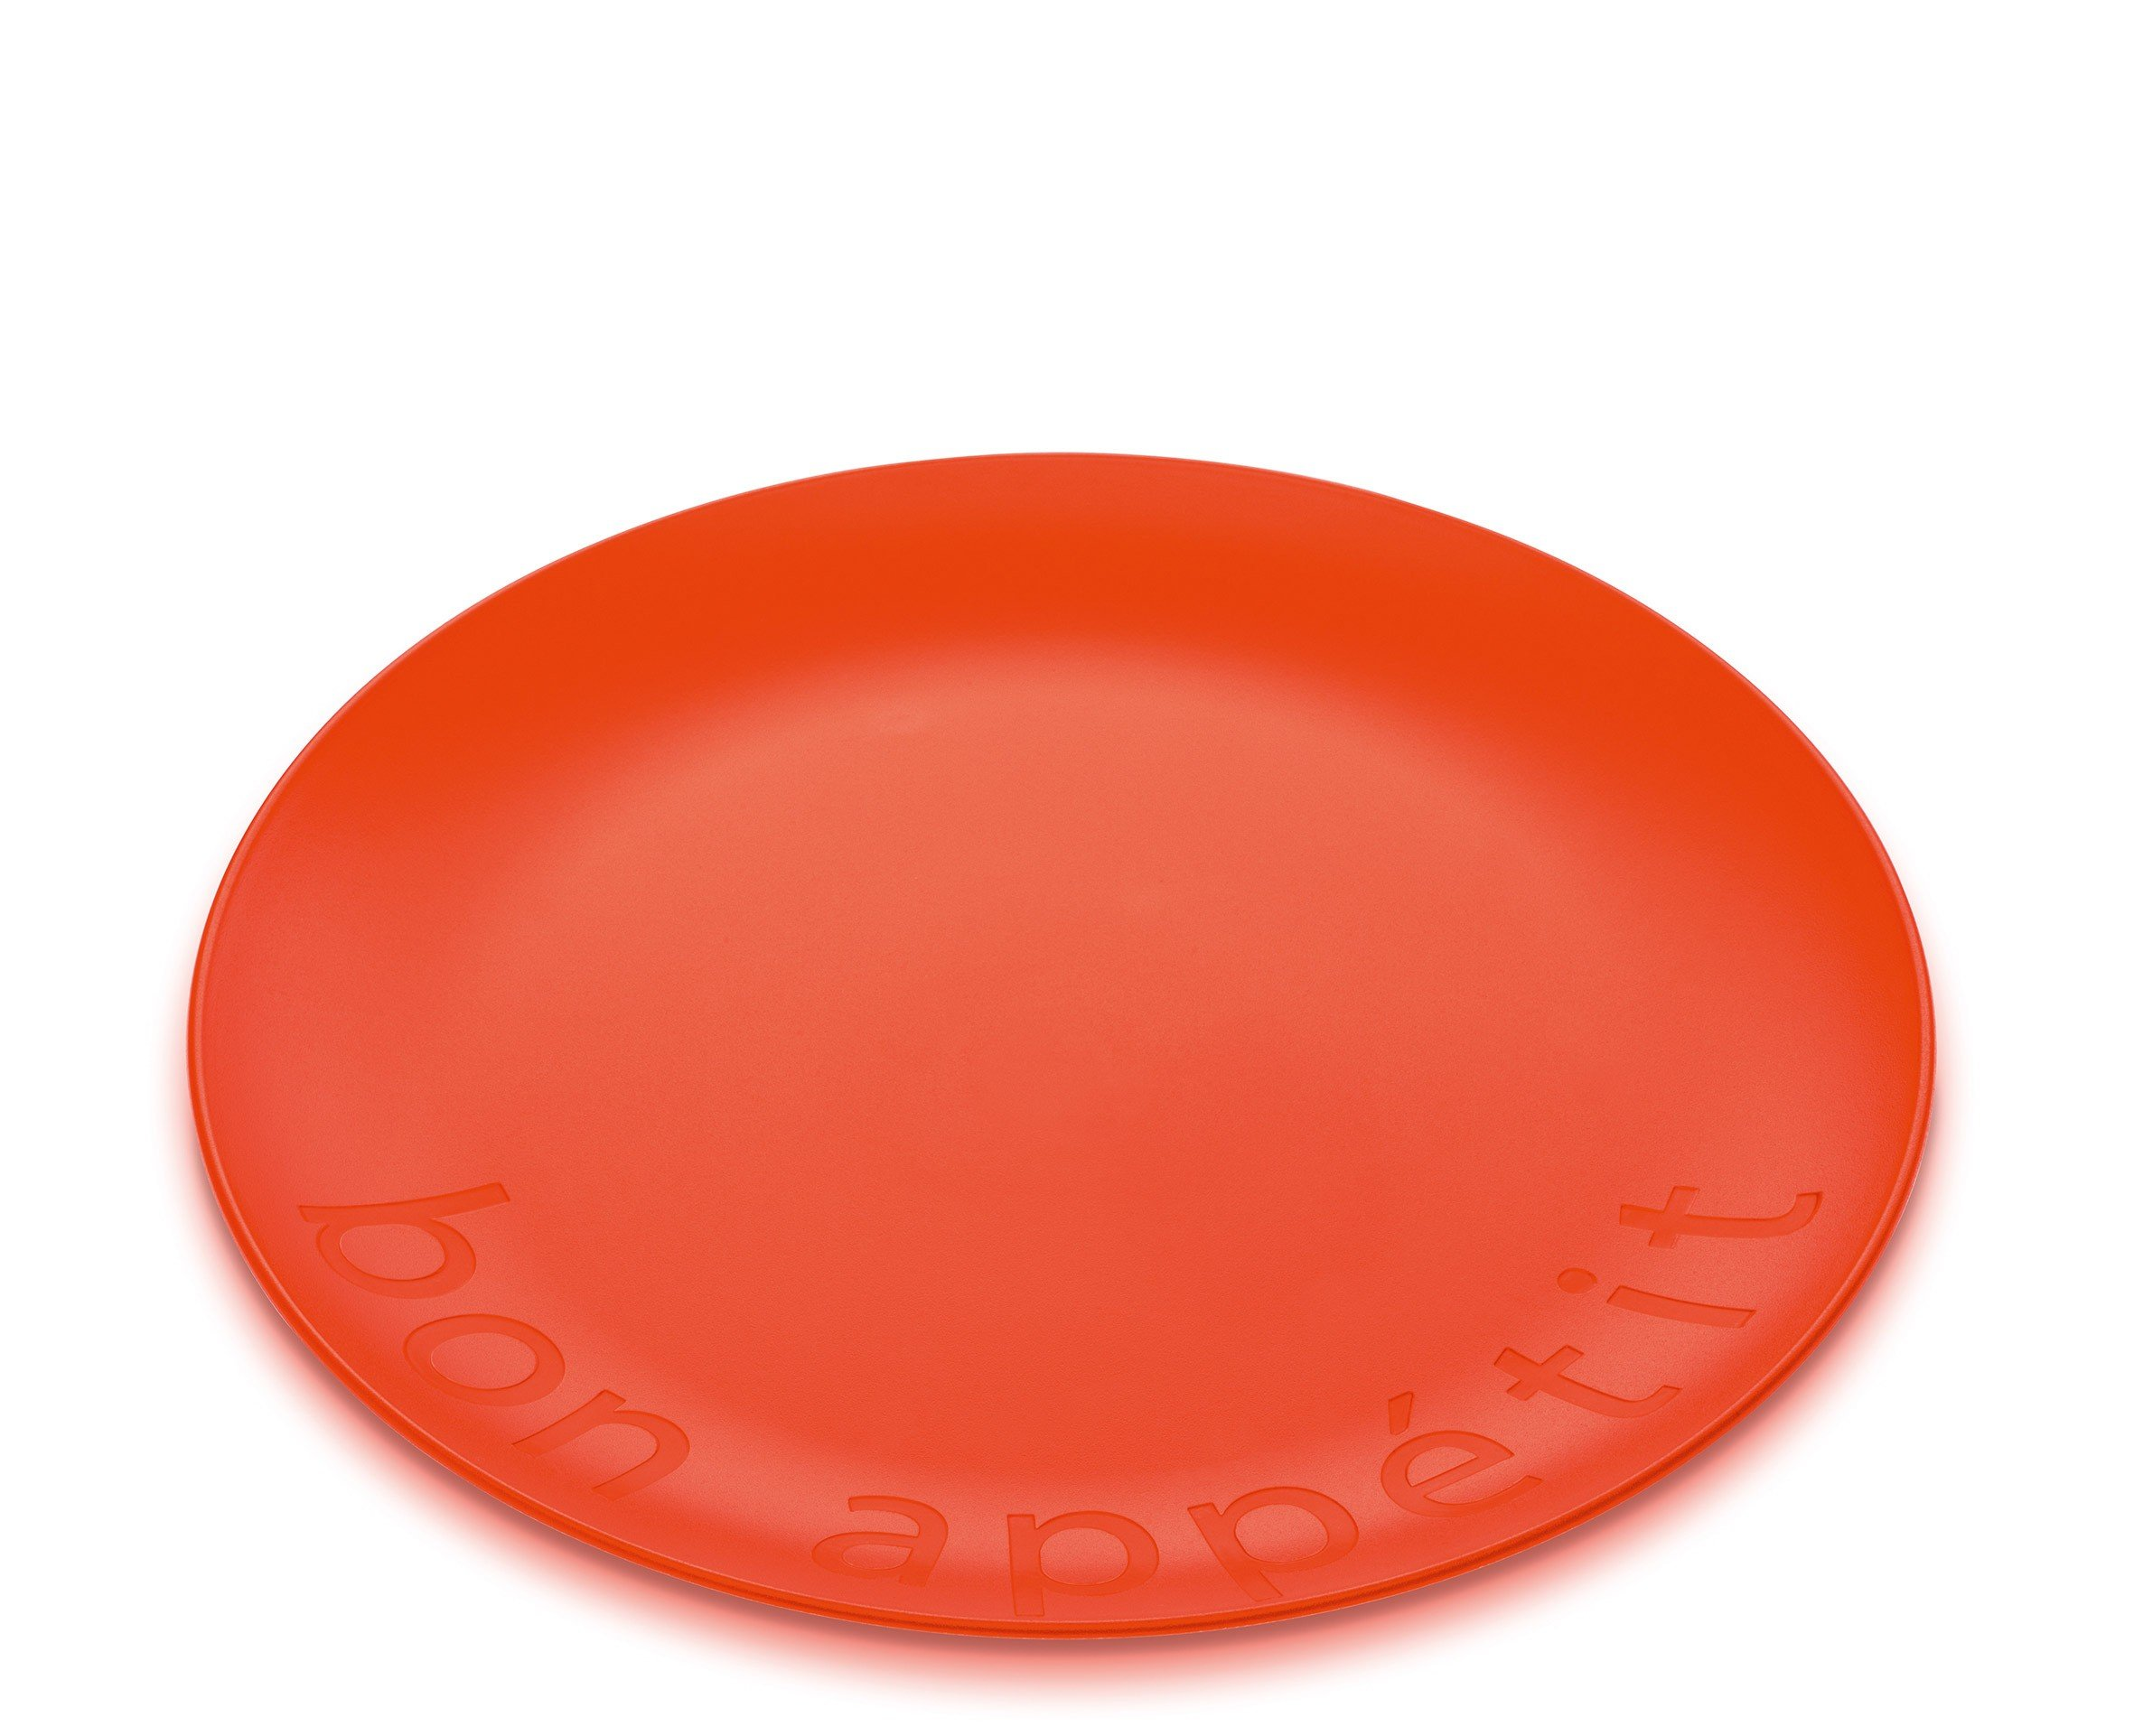 Talerz Rondo 4 szt. pomarańczowoczerwony